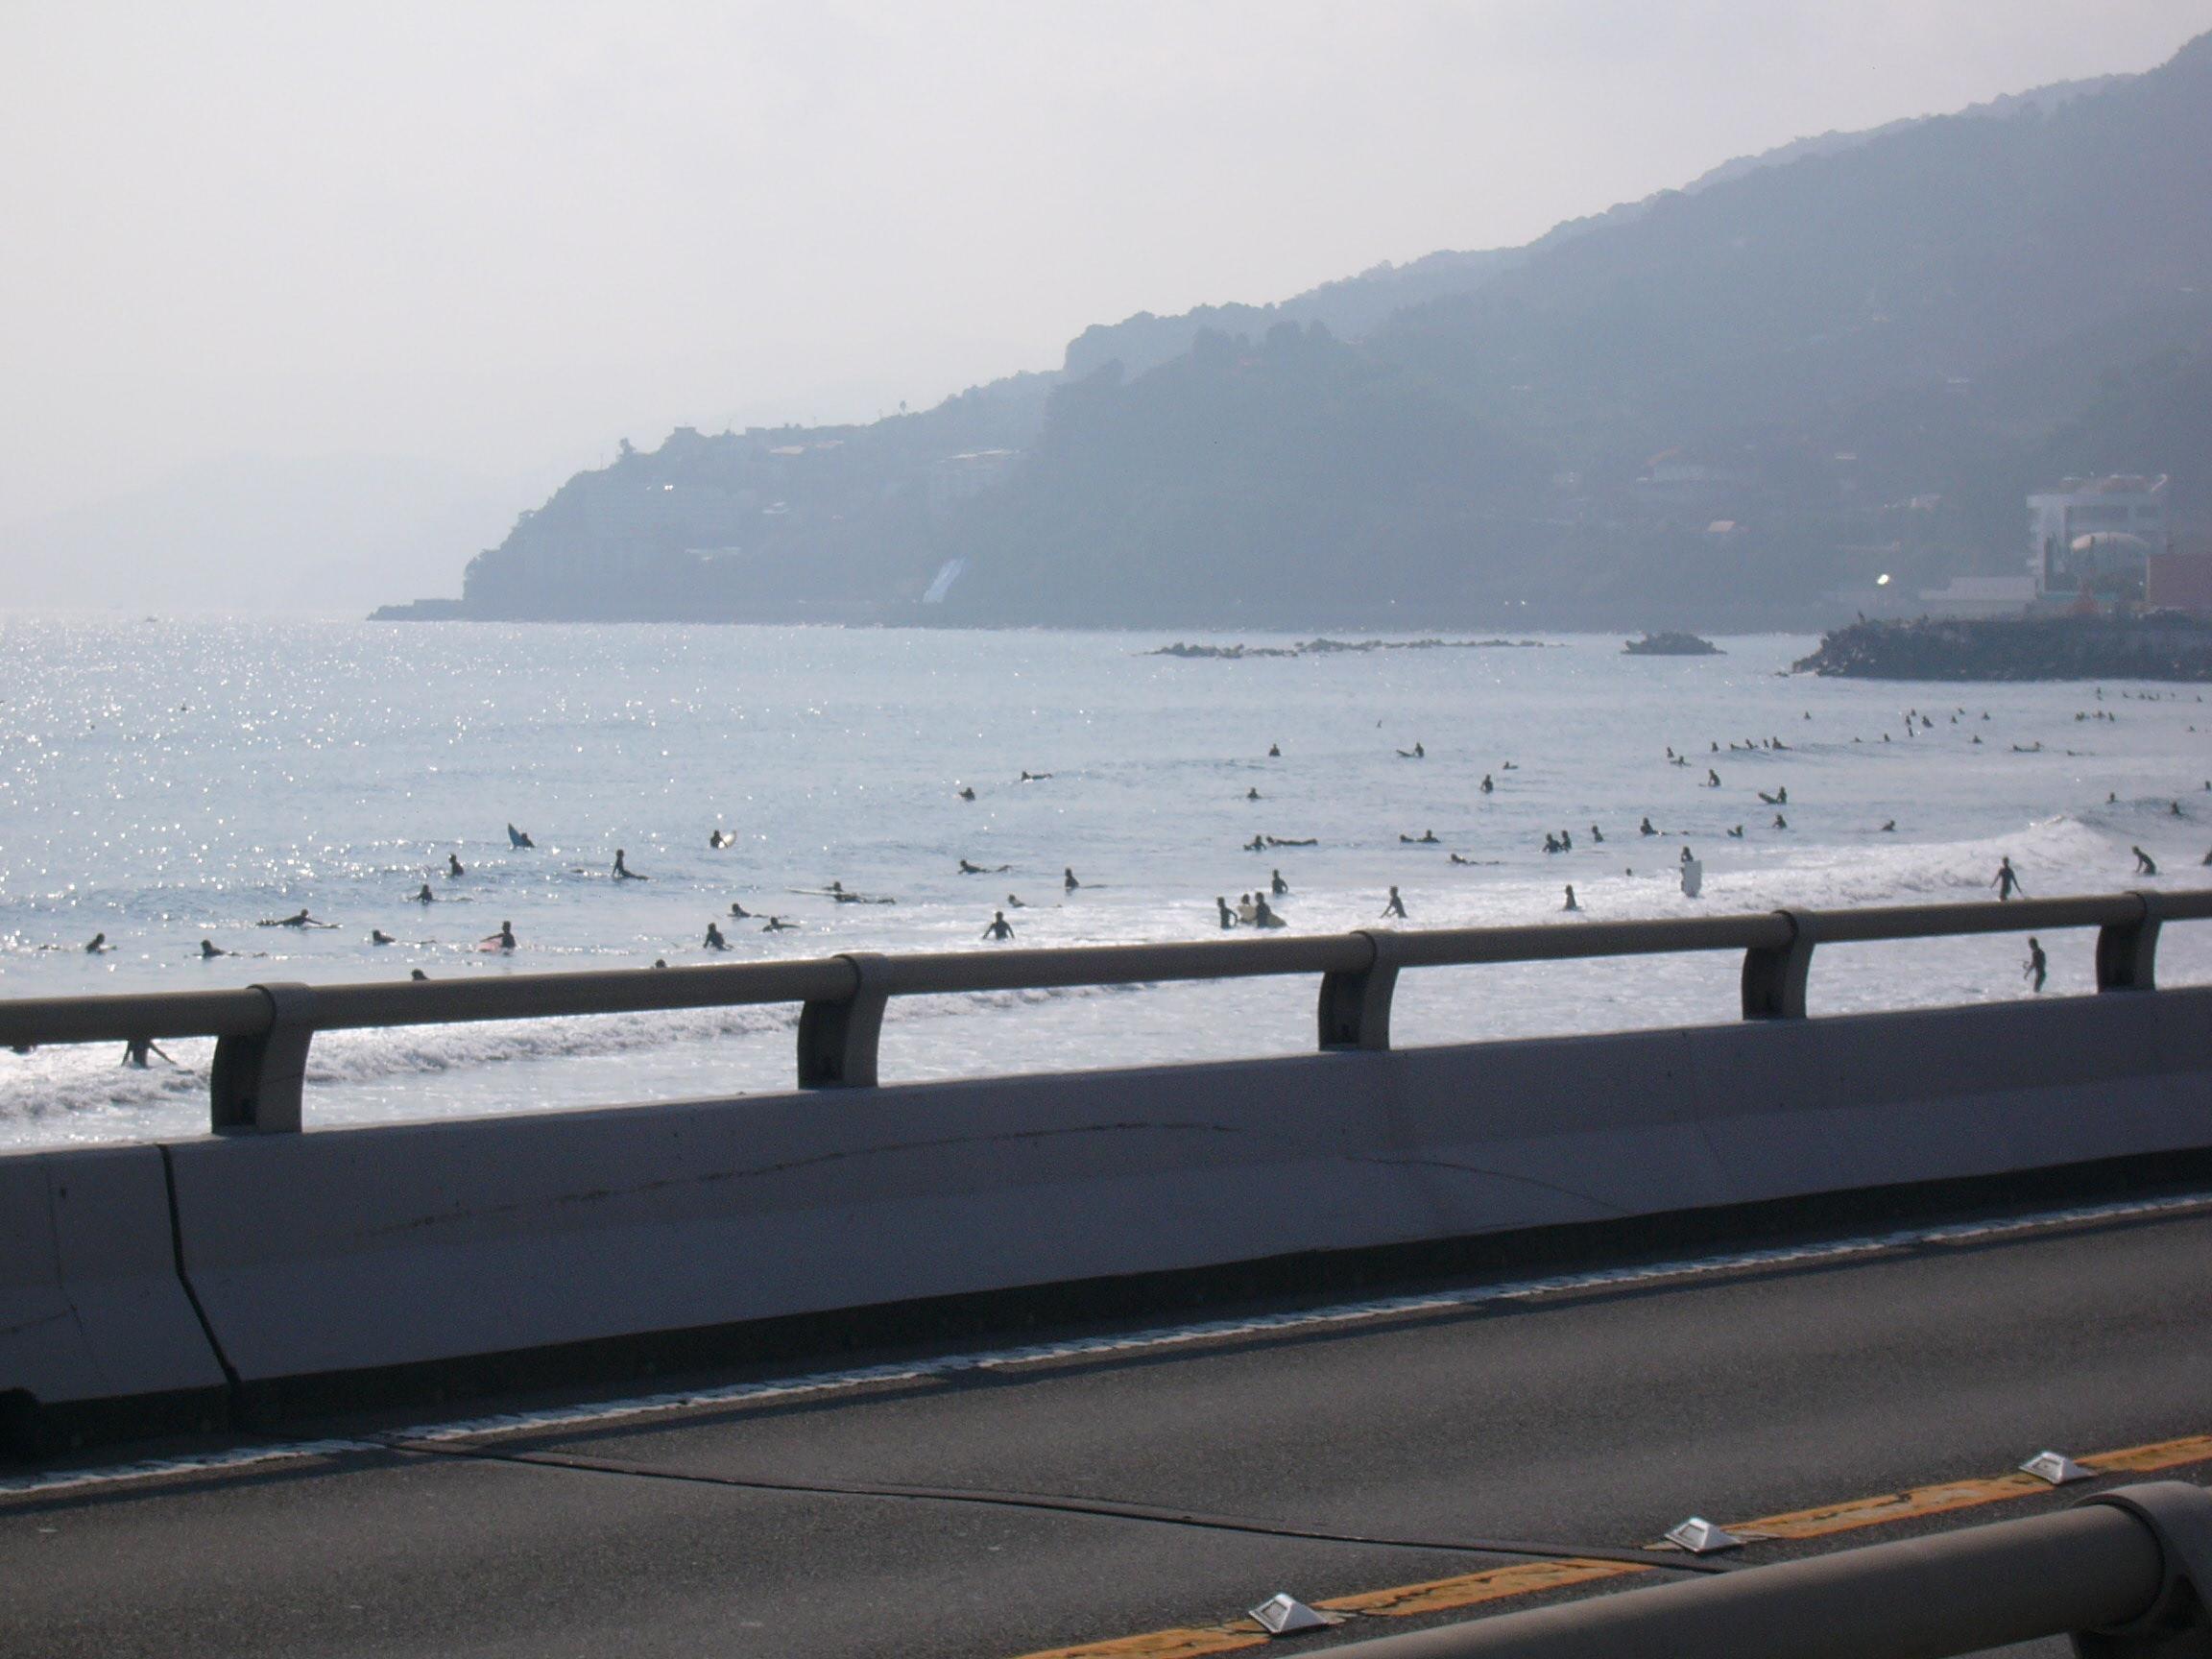 【路上からみた吉浜】 【路上からみた吉浜】 湯河原吉浜は、ちょうど真鶴道路の出入口の下に位置し.